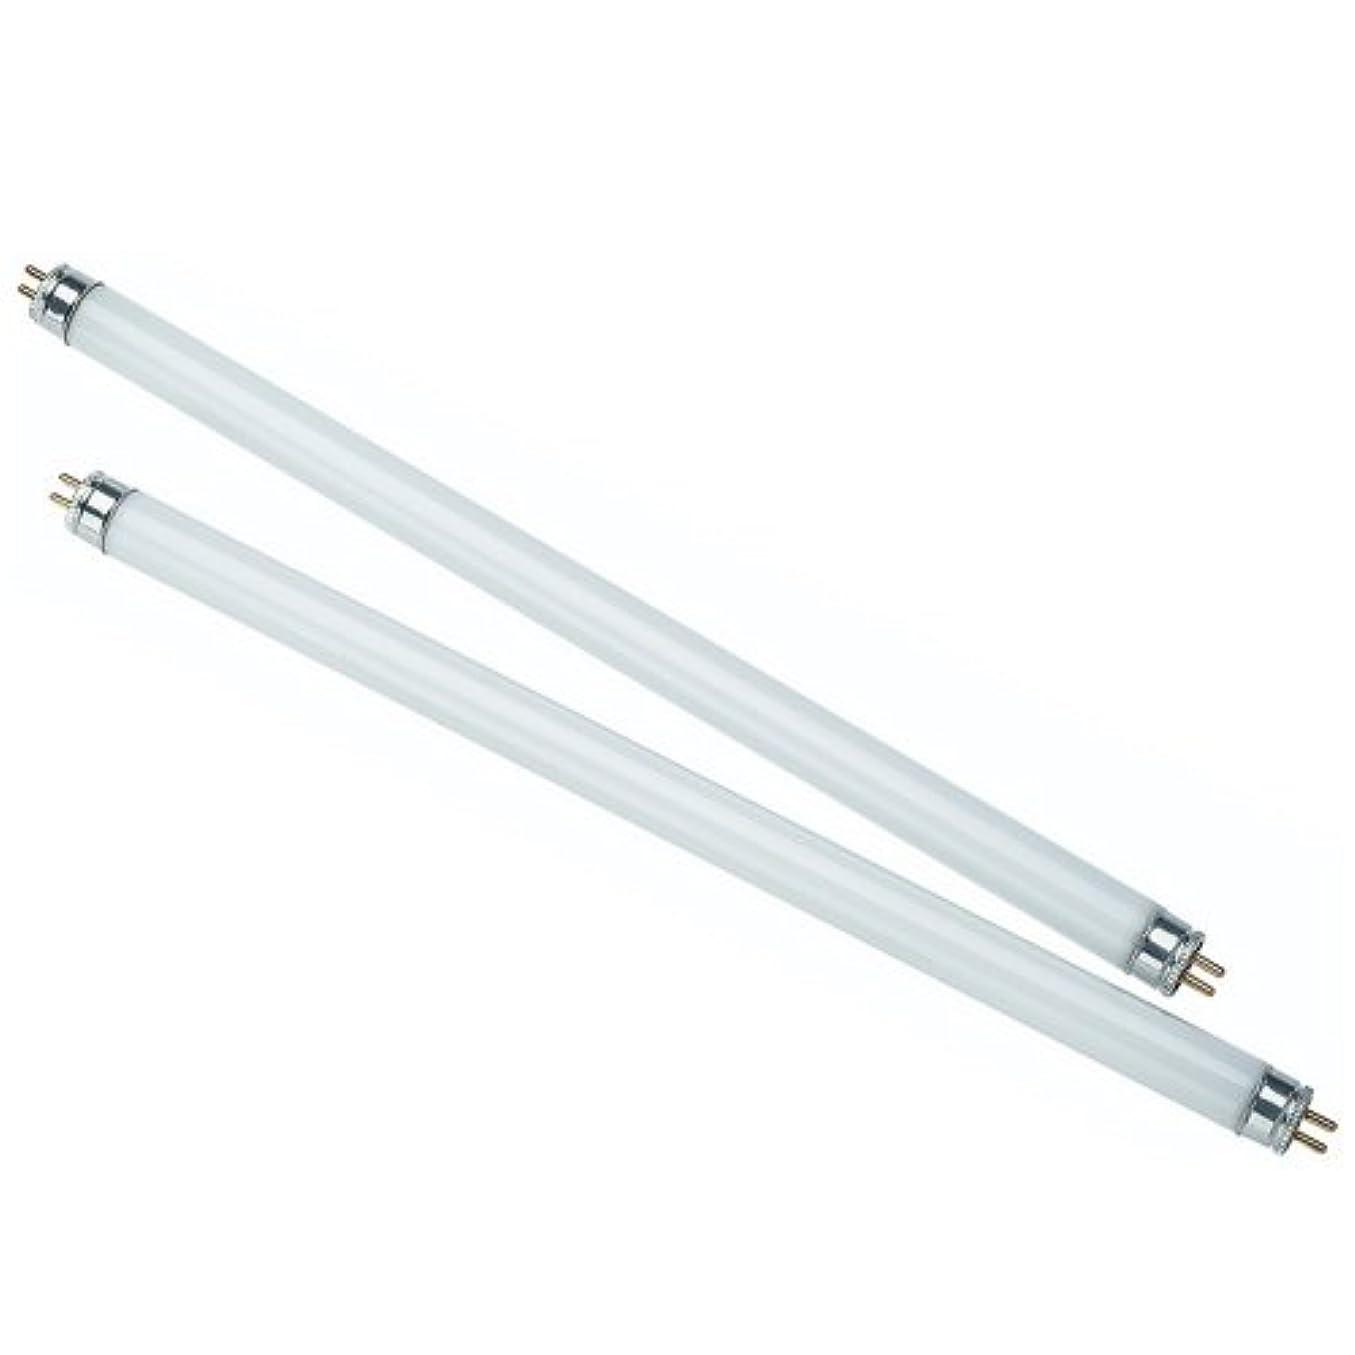 気体の放置代名詞JET5000用交換ライト 2本入